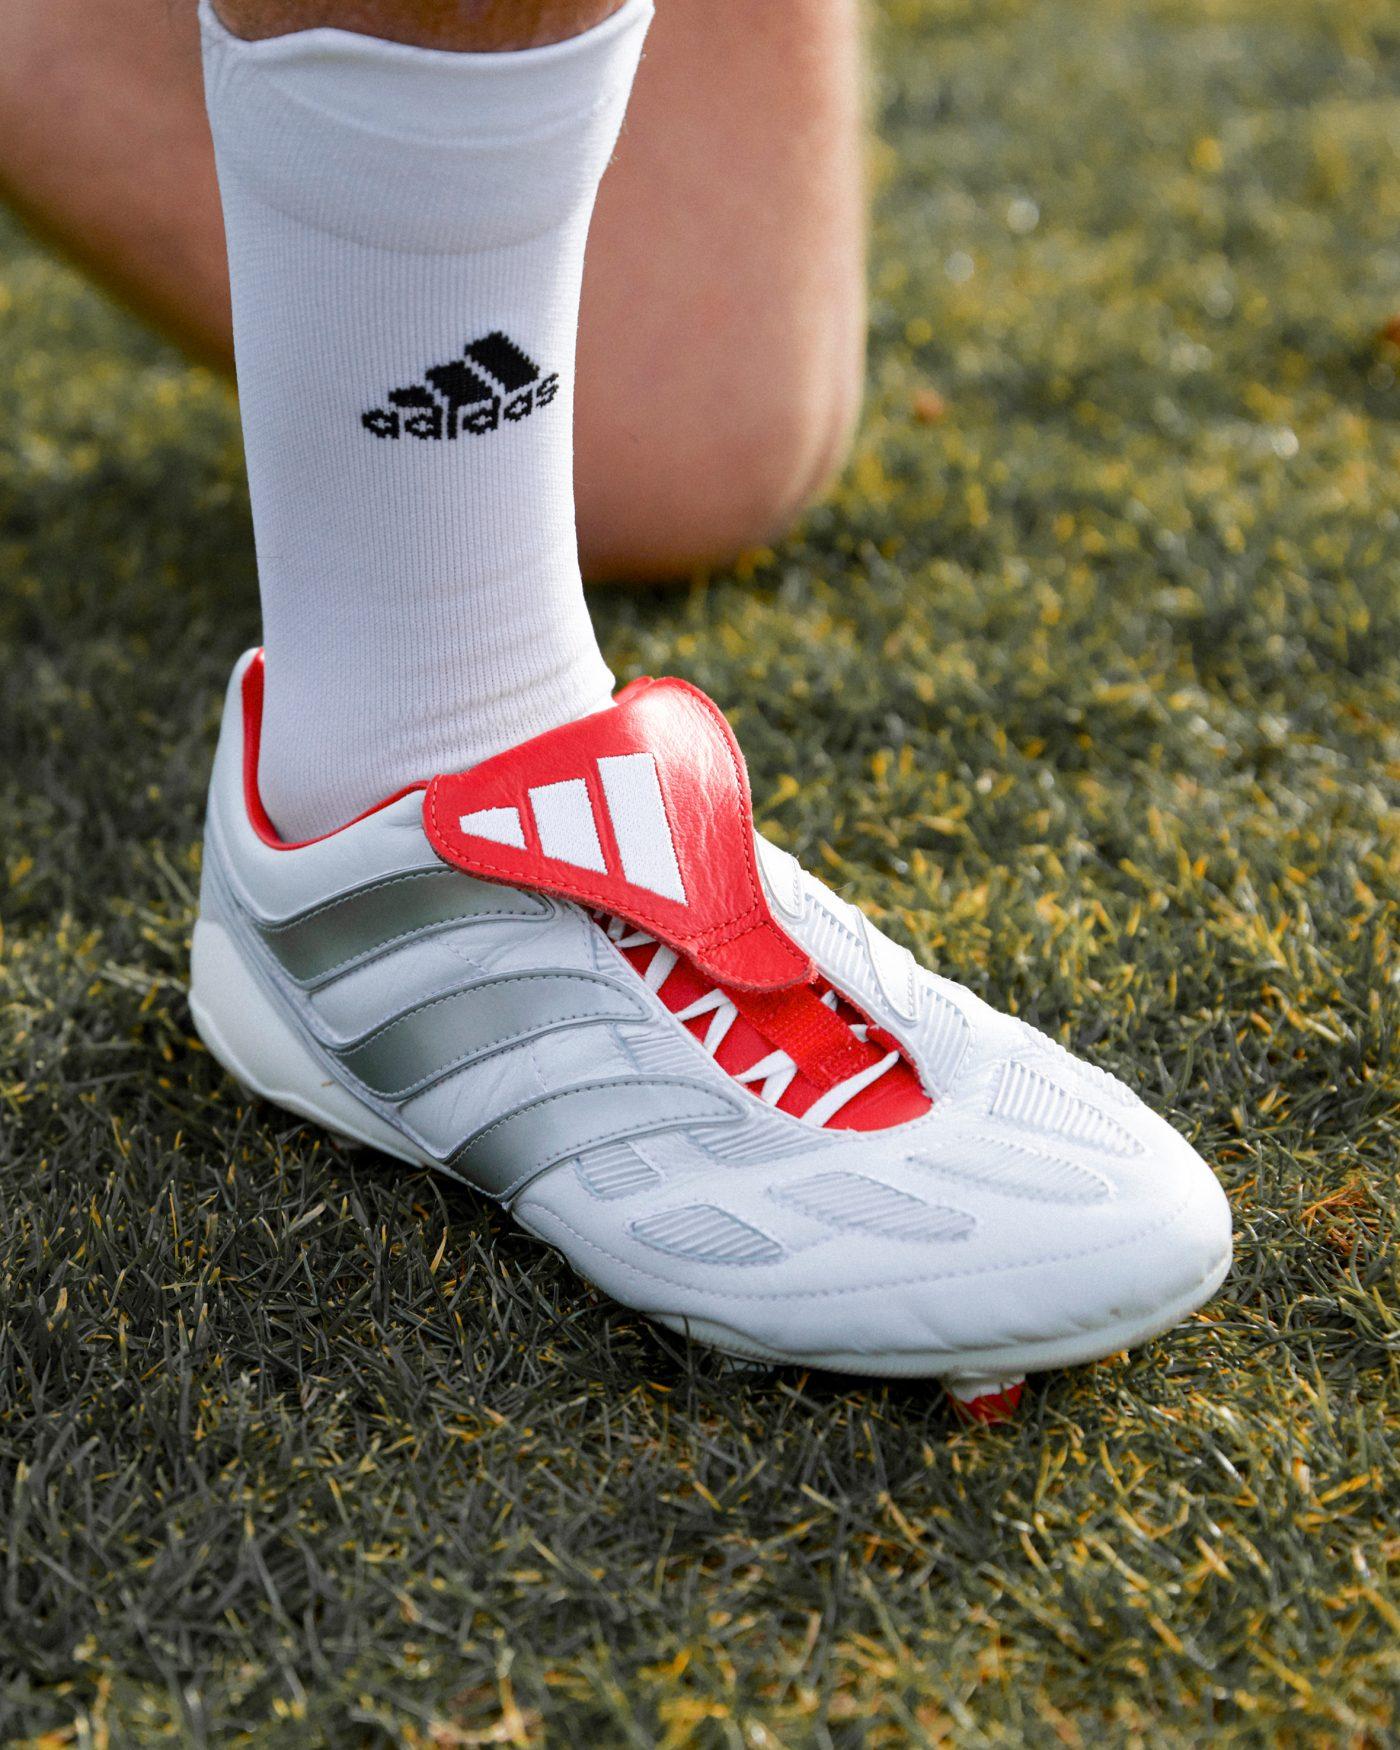 adidas-predator-precision-david-beckham-25-ans-predator-2